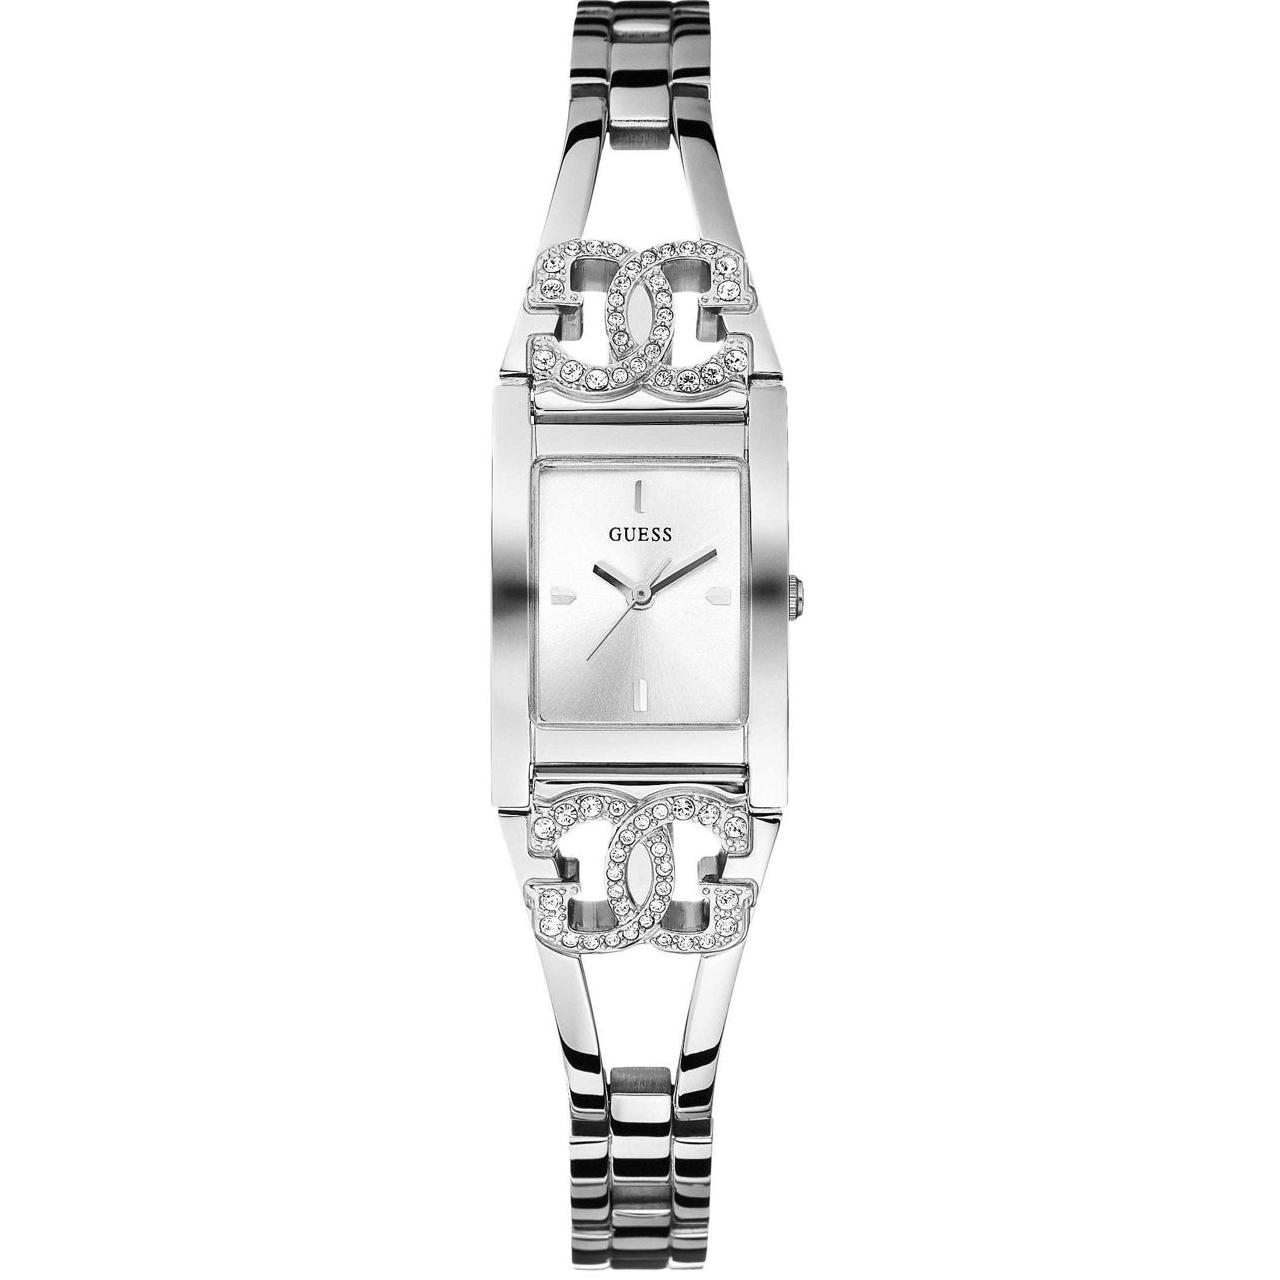 ساعت مچی عقربه ای زنانه گس مدل W90029L1